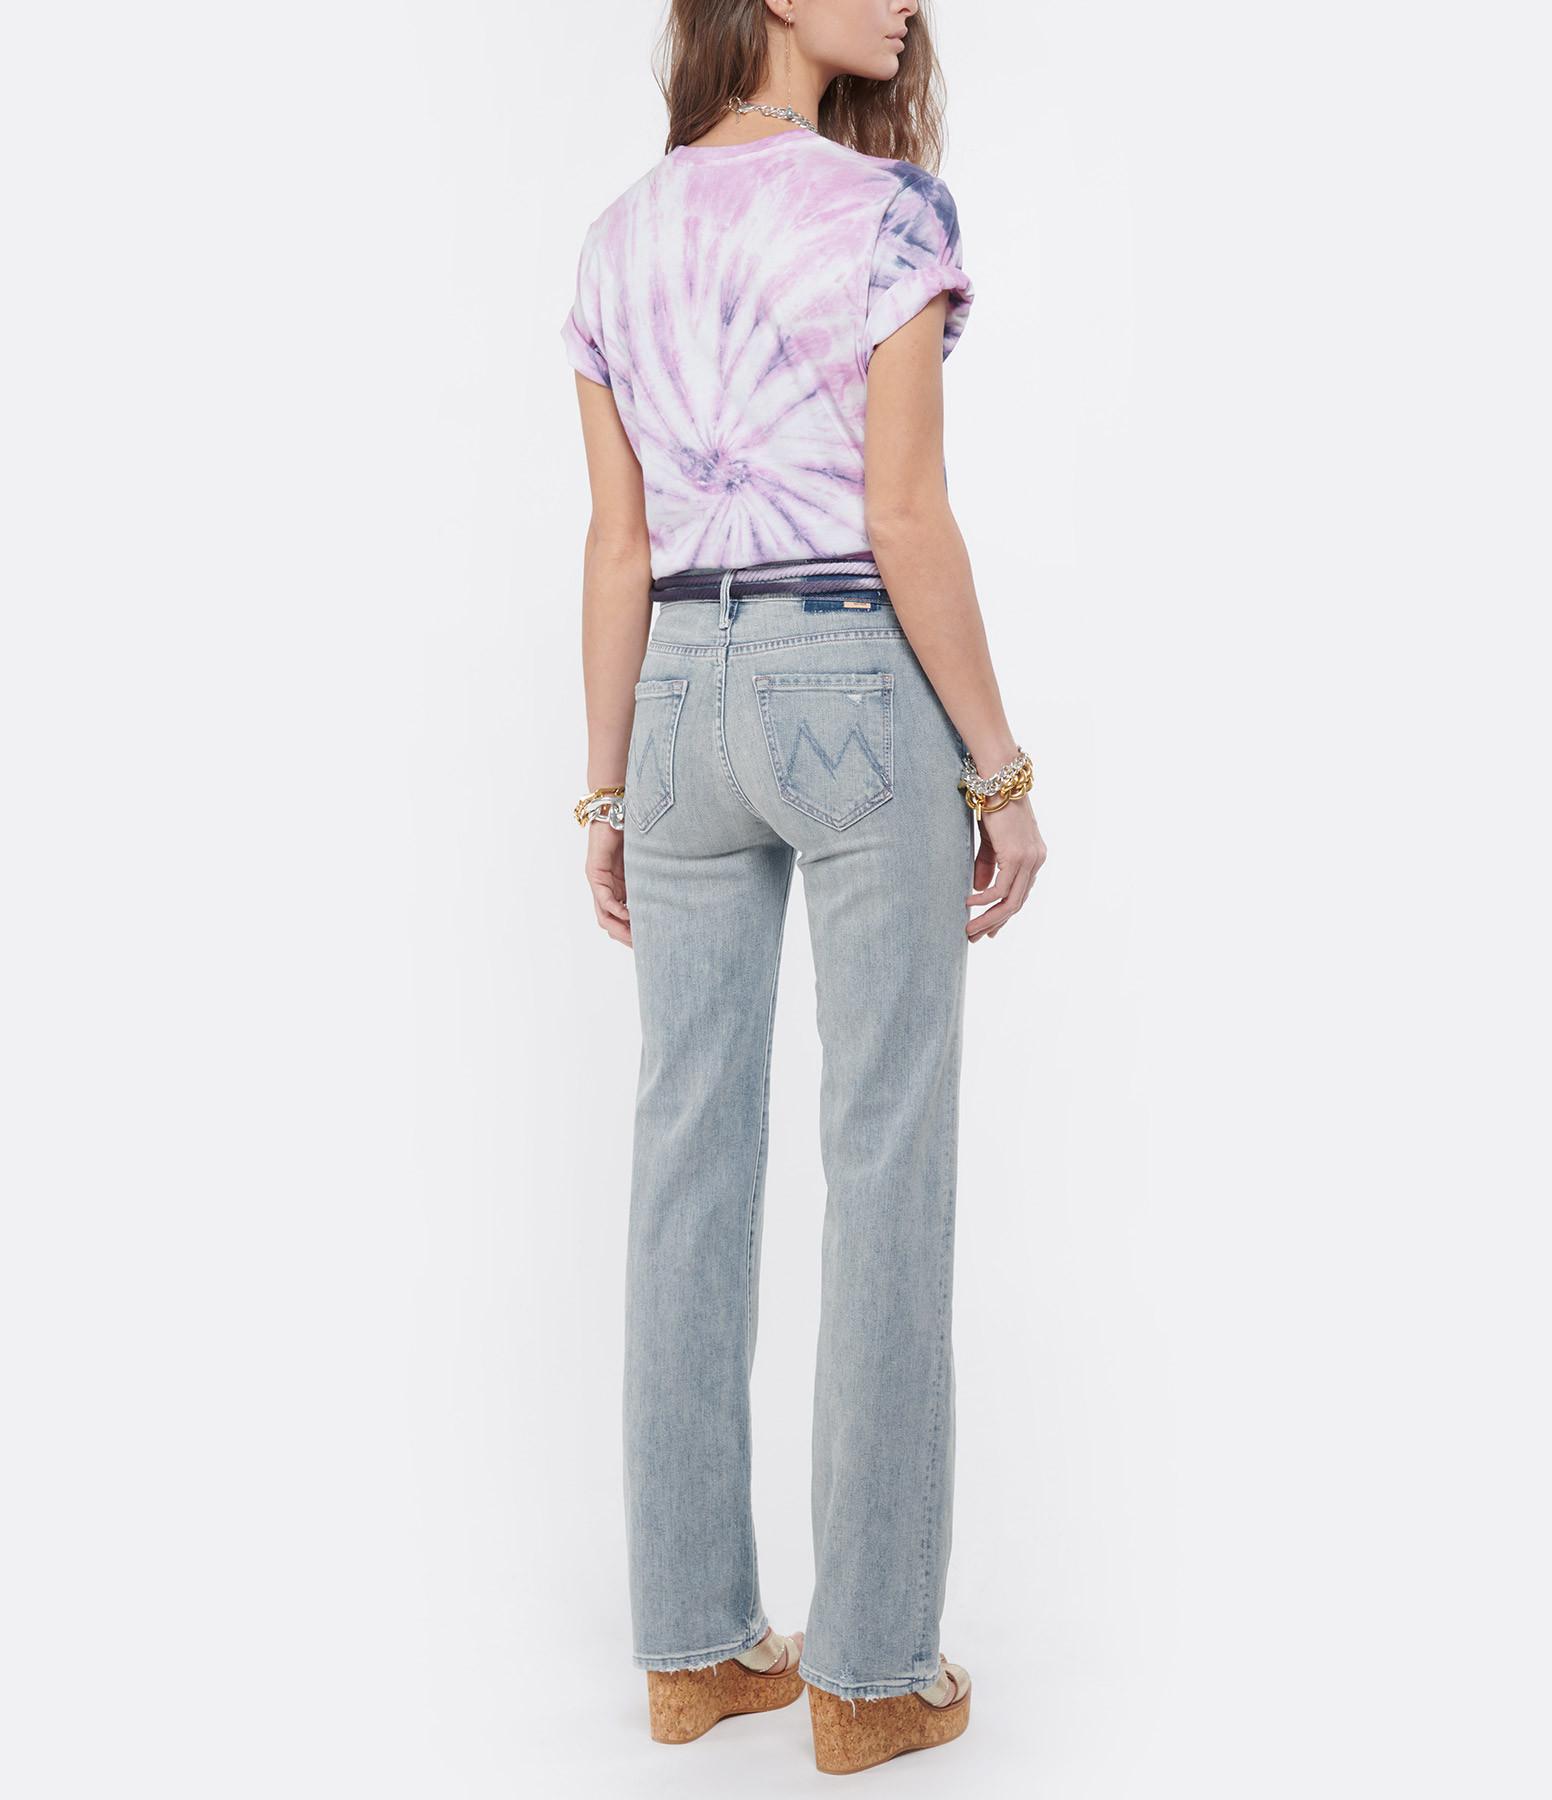 ISABEL MARANT ÉTOILE - Tee-shirt Zewel Coton Tie and Dye Violet